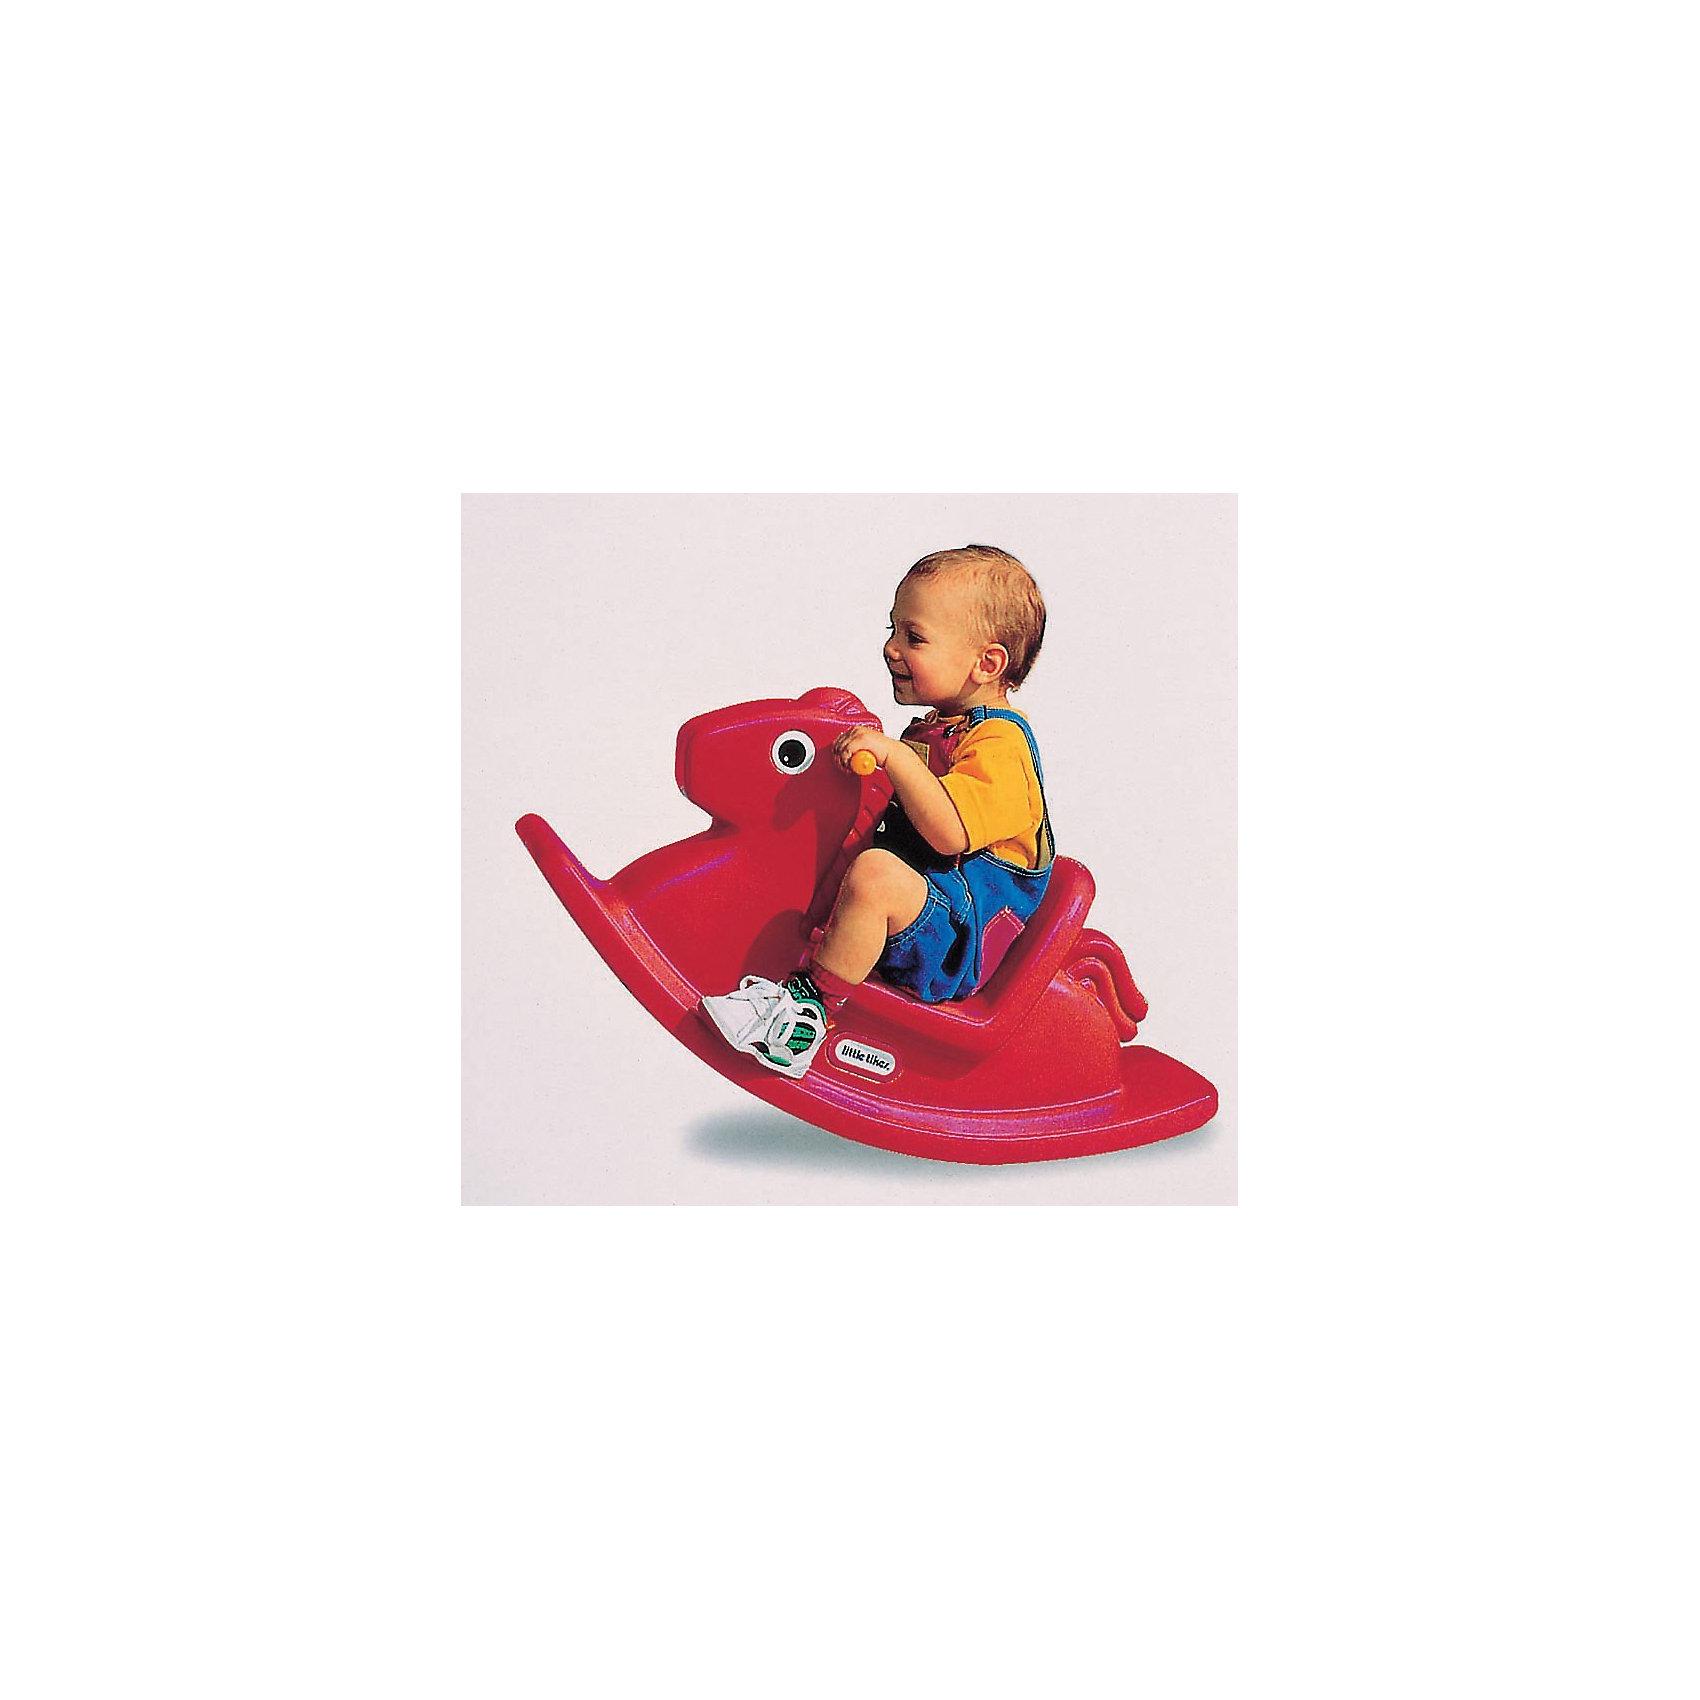 Little tikes Игрушка-качалка ЛошадкаКачалка изготовлена из прочного пластика, сконструирована с учетом особенностей строения тела ребенка: высокая спинка,  удобное сиденье и широкое основание.<br>Может использоваться как дома, так и на открытом воздухе.<br><br>При изготовлении качалки применяется метод центробежного литья, что позволяет сделать ее ударопрочной  и устойчивой к перепадам температур.<br>Выдерживает температуру до -18?С<br><br>Качалка предназначена для детей от 1 года до 3-х лет.<br>Размеры качалки: 86 х 29 х 43 см (длина, ширина, высота)<br>Цвет качалки: красный<br><br>Ширина мм: 860<br>Глубина мм: 290<br>Высота мм: 430<br>Вес г: 4000<br>Возраст от месяцев: 12<br>Возраст до месяцев: 36<br>Пол: Унисекс<br>Возраст: Детский<br>SKU: 2269294